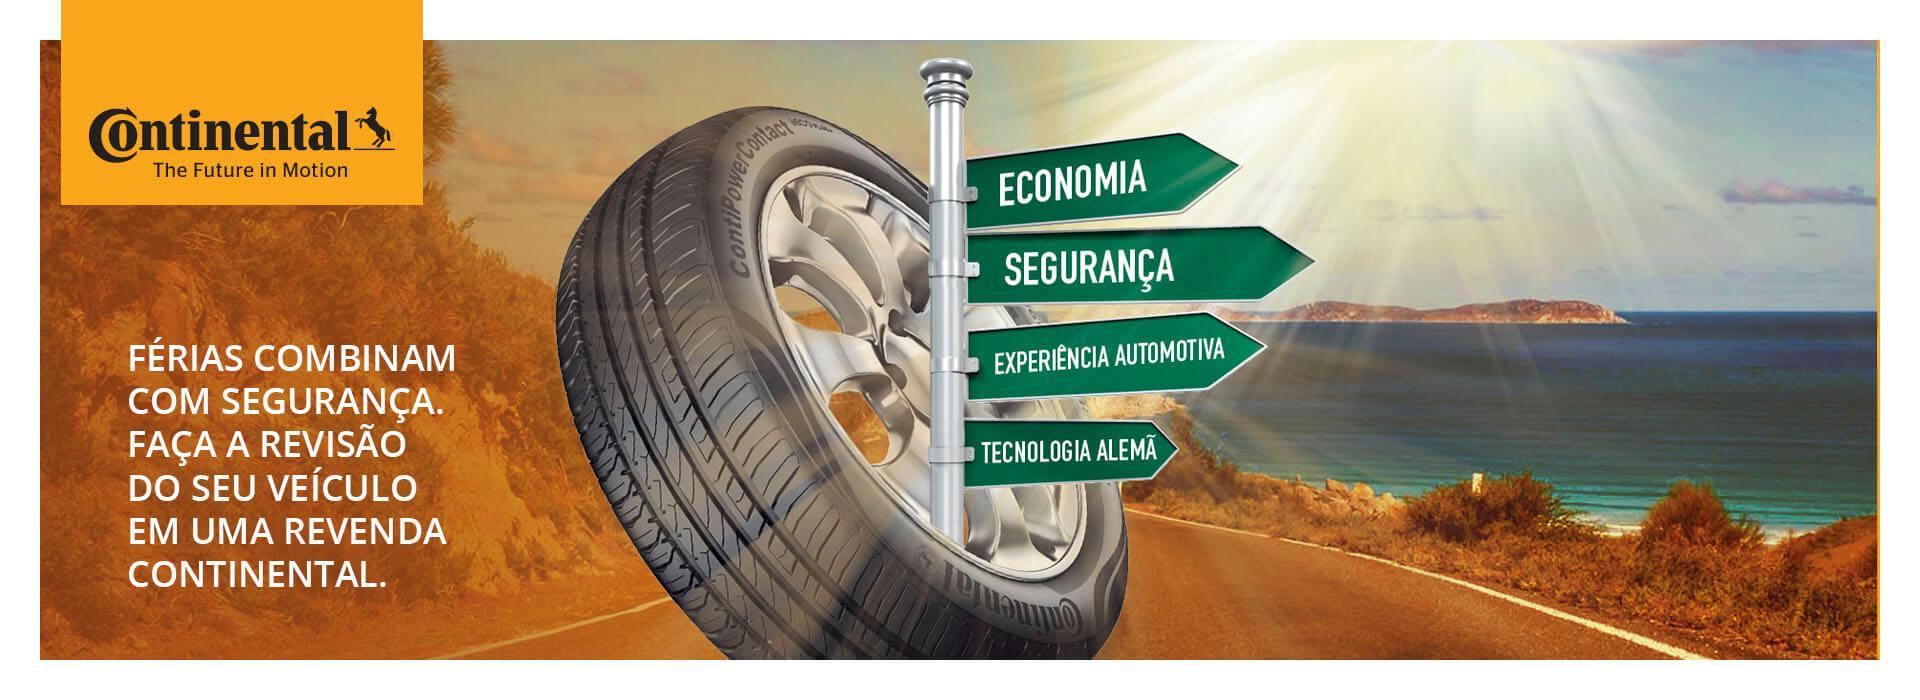 Economia - Rozzaco Pneus